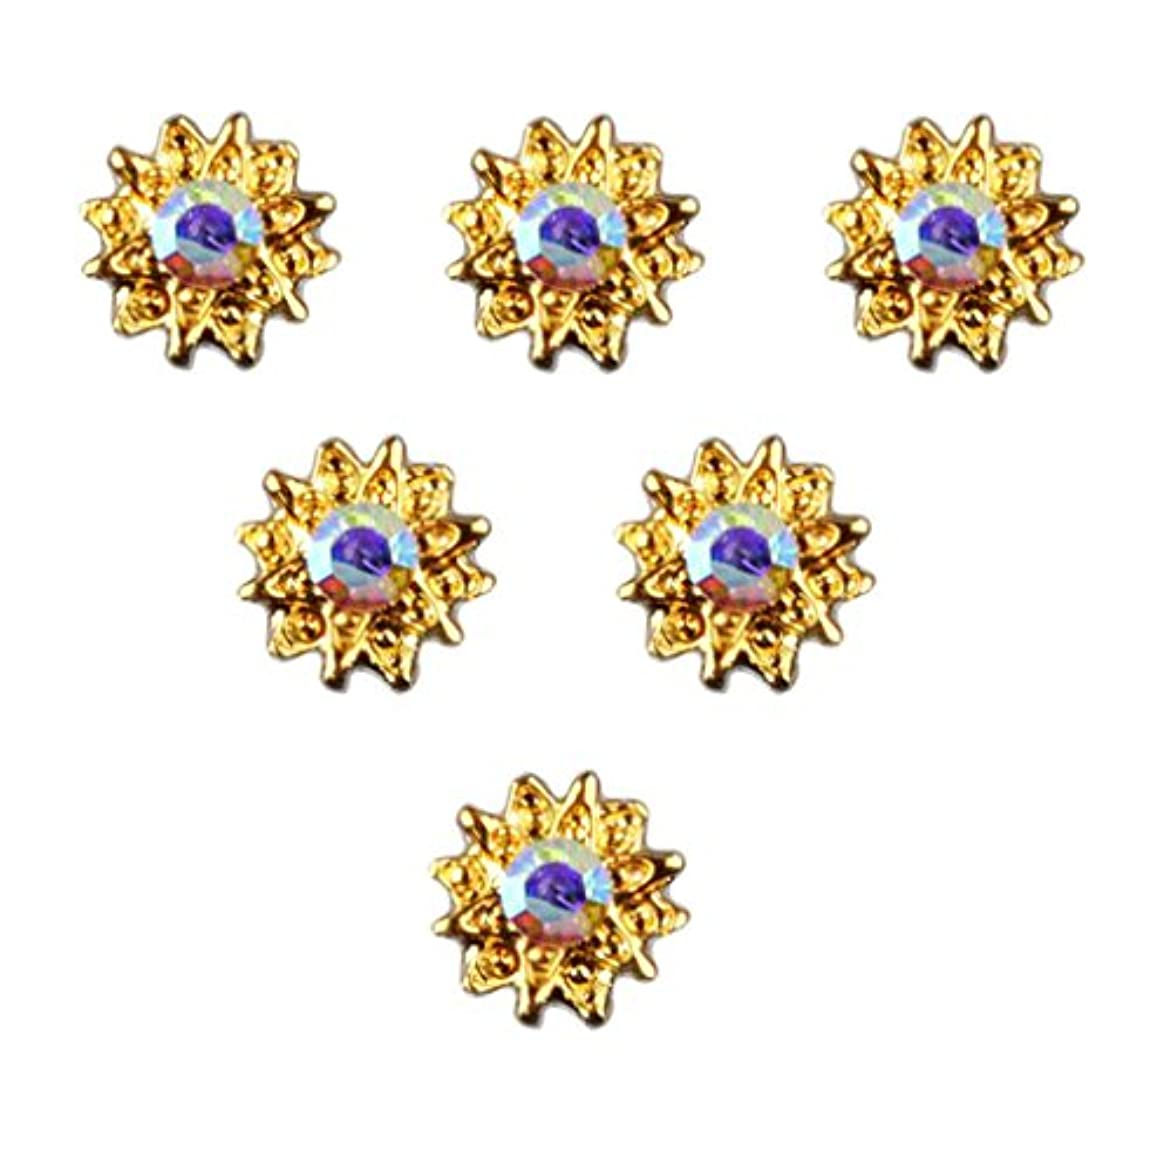 小人おしゃれじゃないベギンT TOOYFUL 全8種類 マニキュア ネイルデザイン ダイヤモンド 3Dネイルアート ヒントステッカー 50個入り - 5